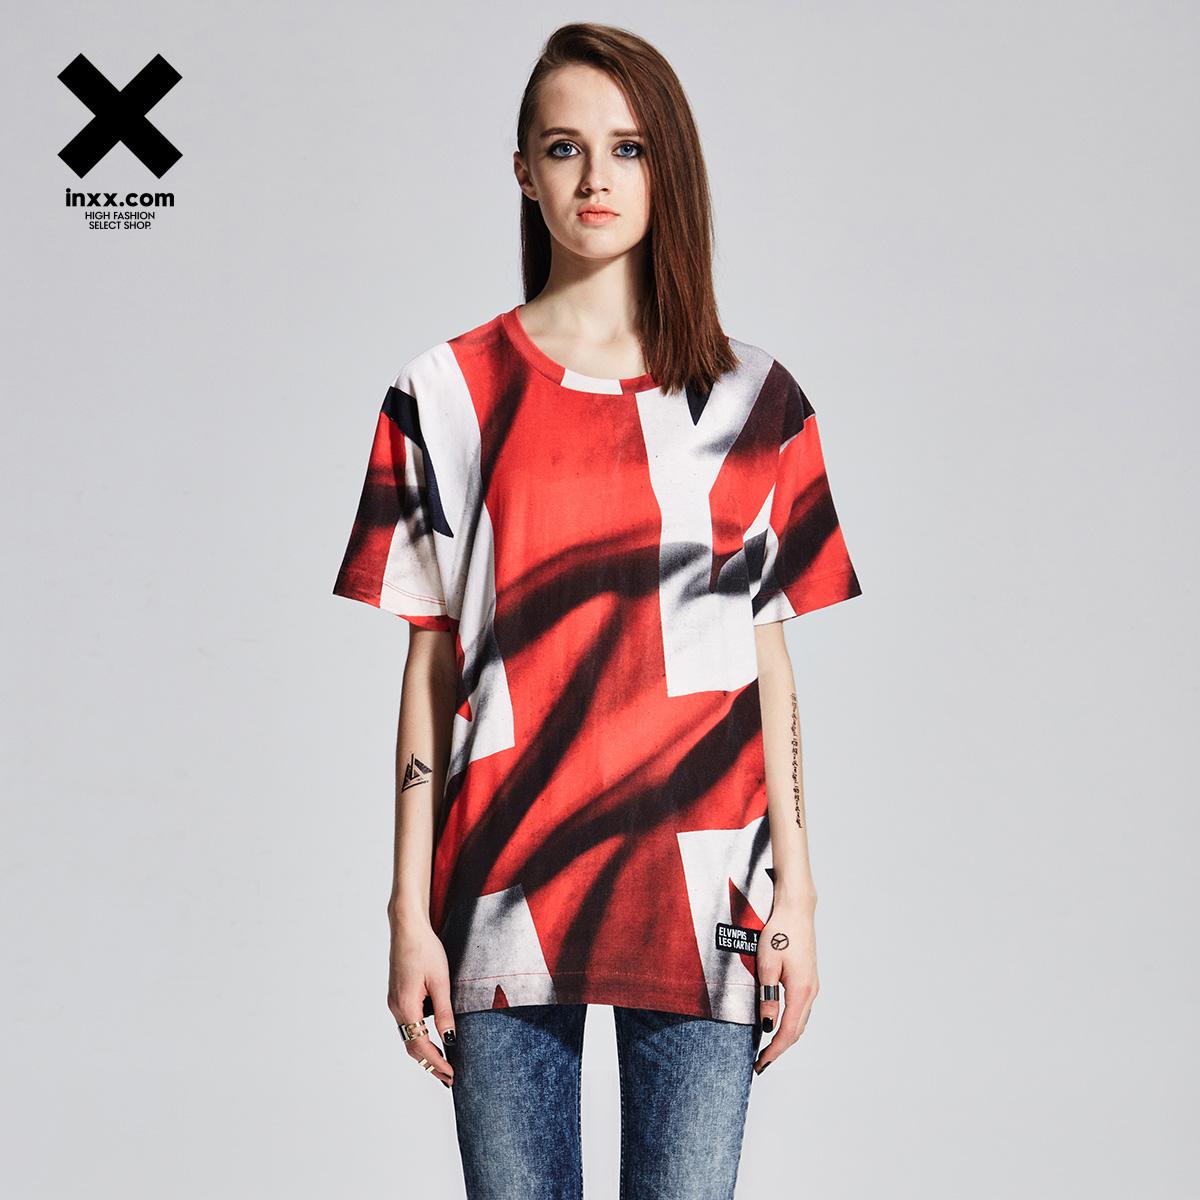 Футболка ep43013054 INXX Eleven Paris футболка ep43013054 inxx eleven paris